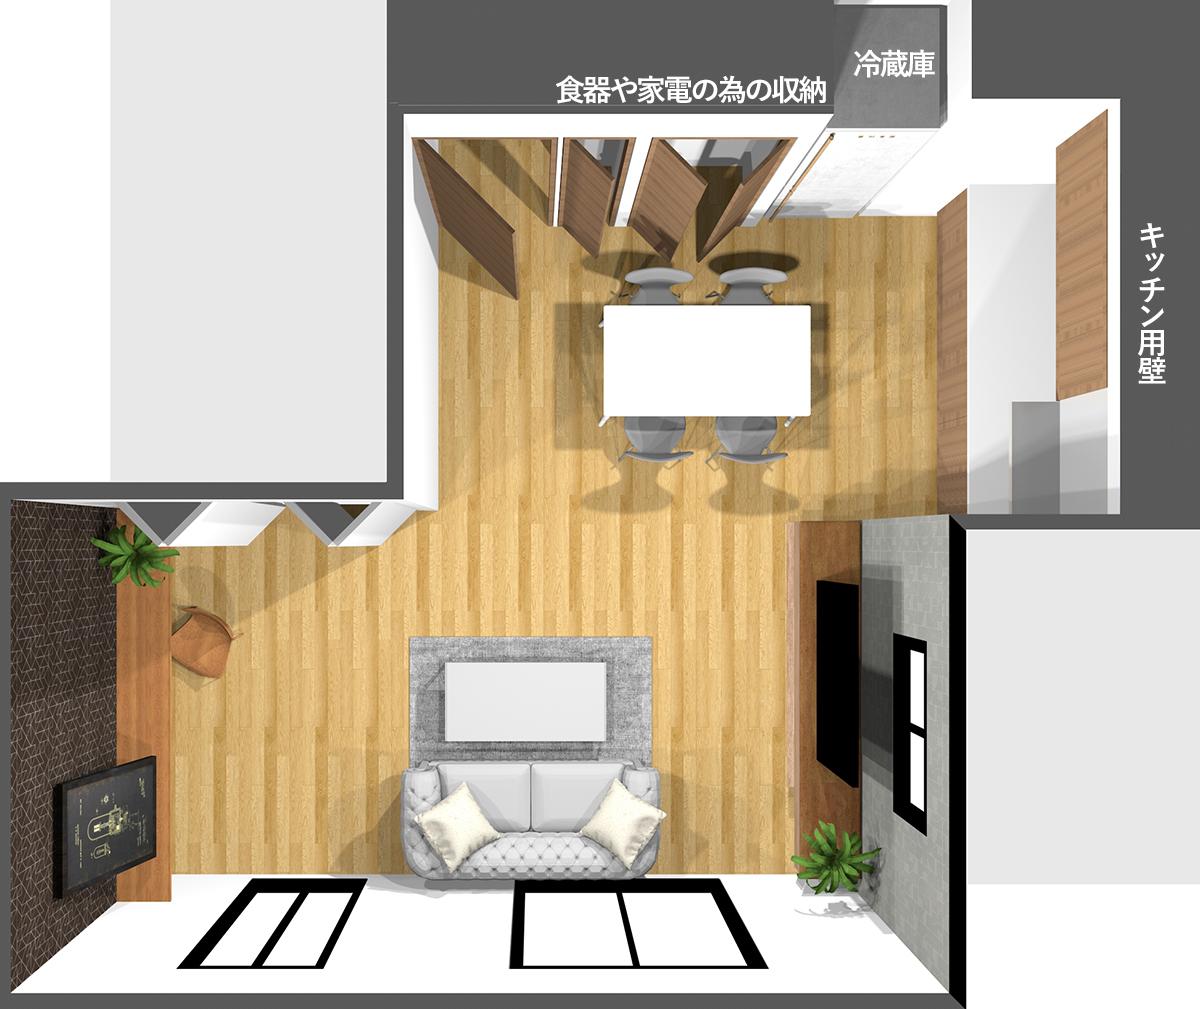 壁付けキッチンの周りに冷蔵庫や食器・家電などの収納を建具を使って作ったダイニングキッチン